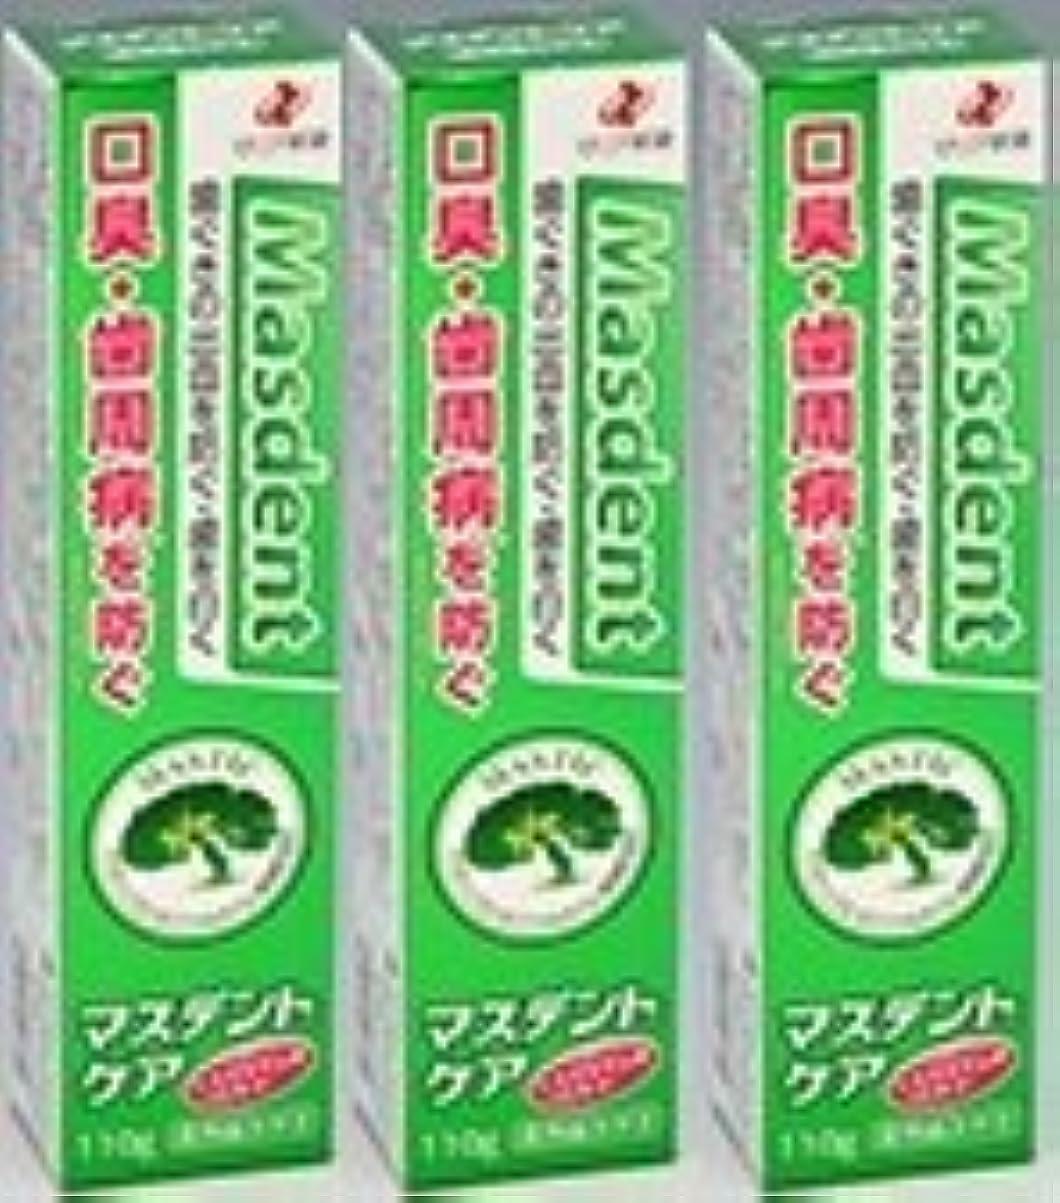 危険読む交流する薬用歯磨き マスデントケア110g×3本セット